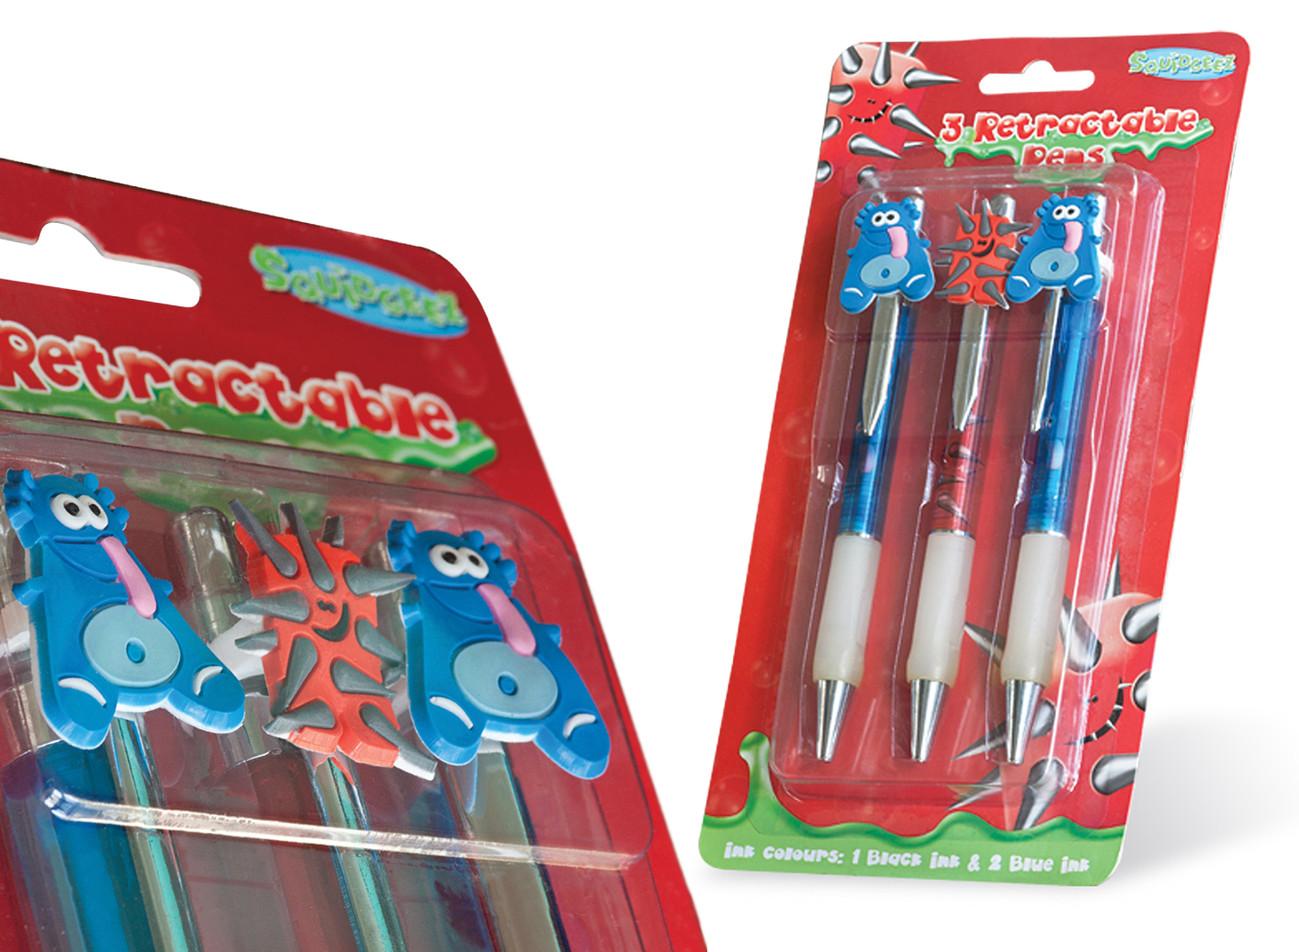 Squidgies_Pens.jpg